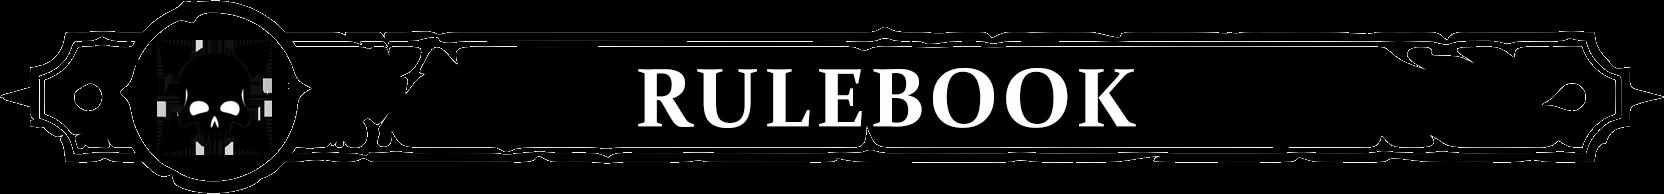 Rulebook</a>